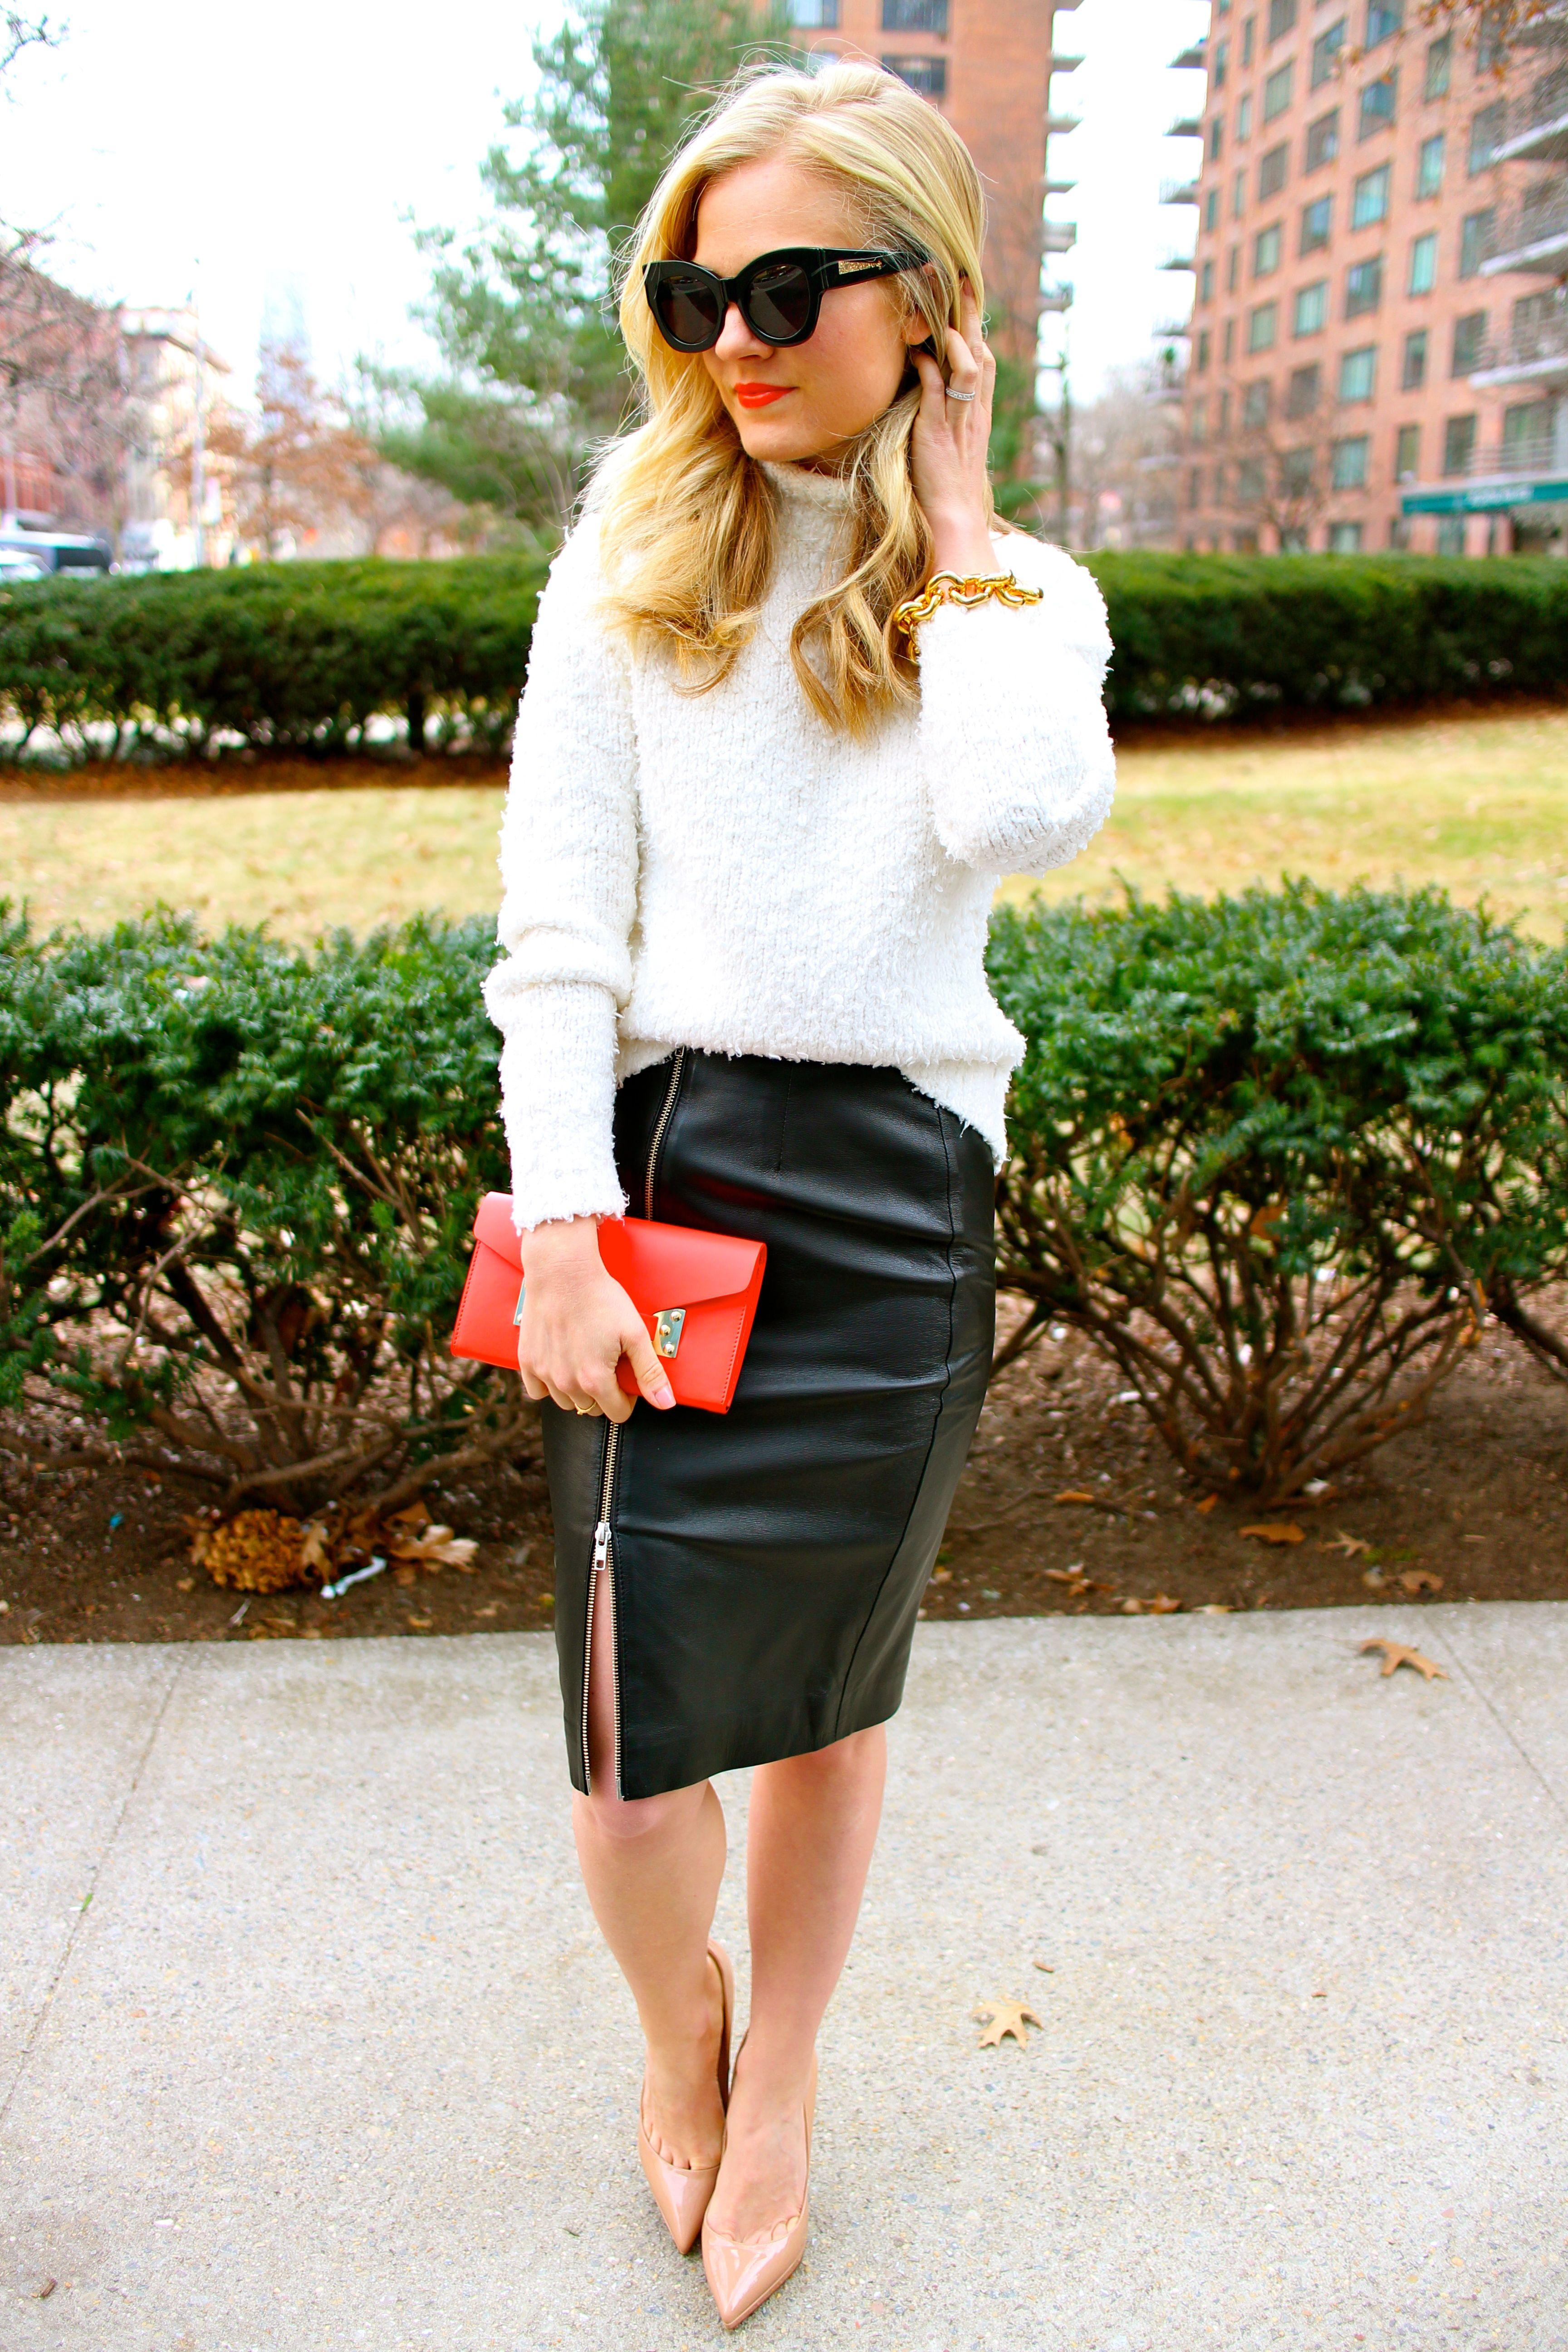 Pin by くんまー on レザースカート | Pinterest